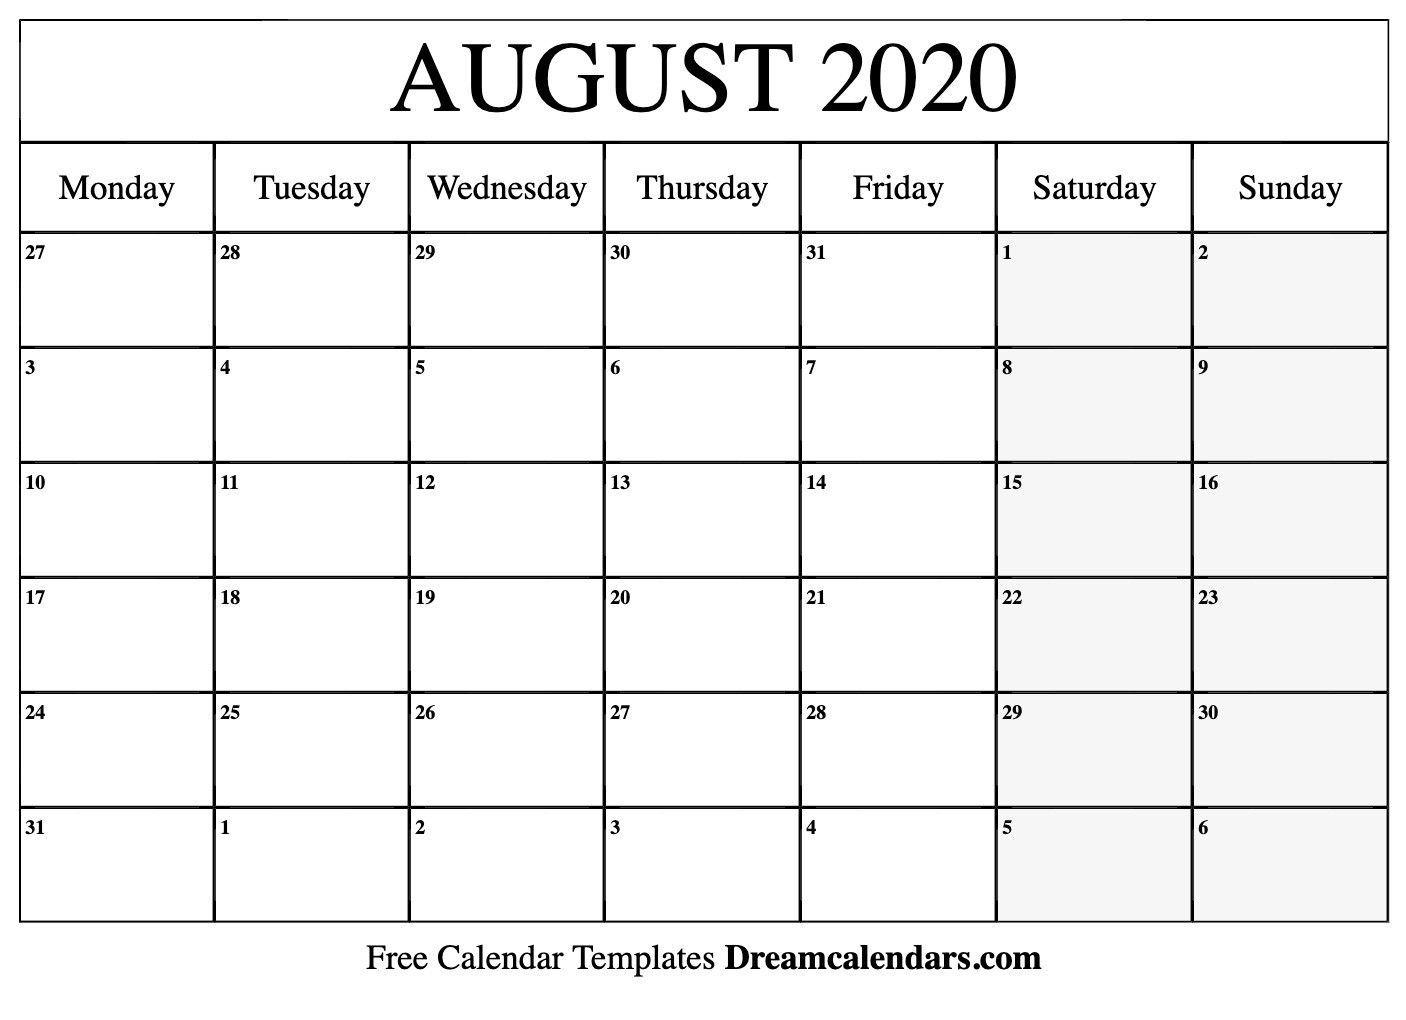 August 2020 Printable Calendar August 2020 Calendar August